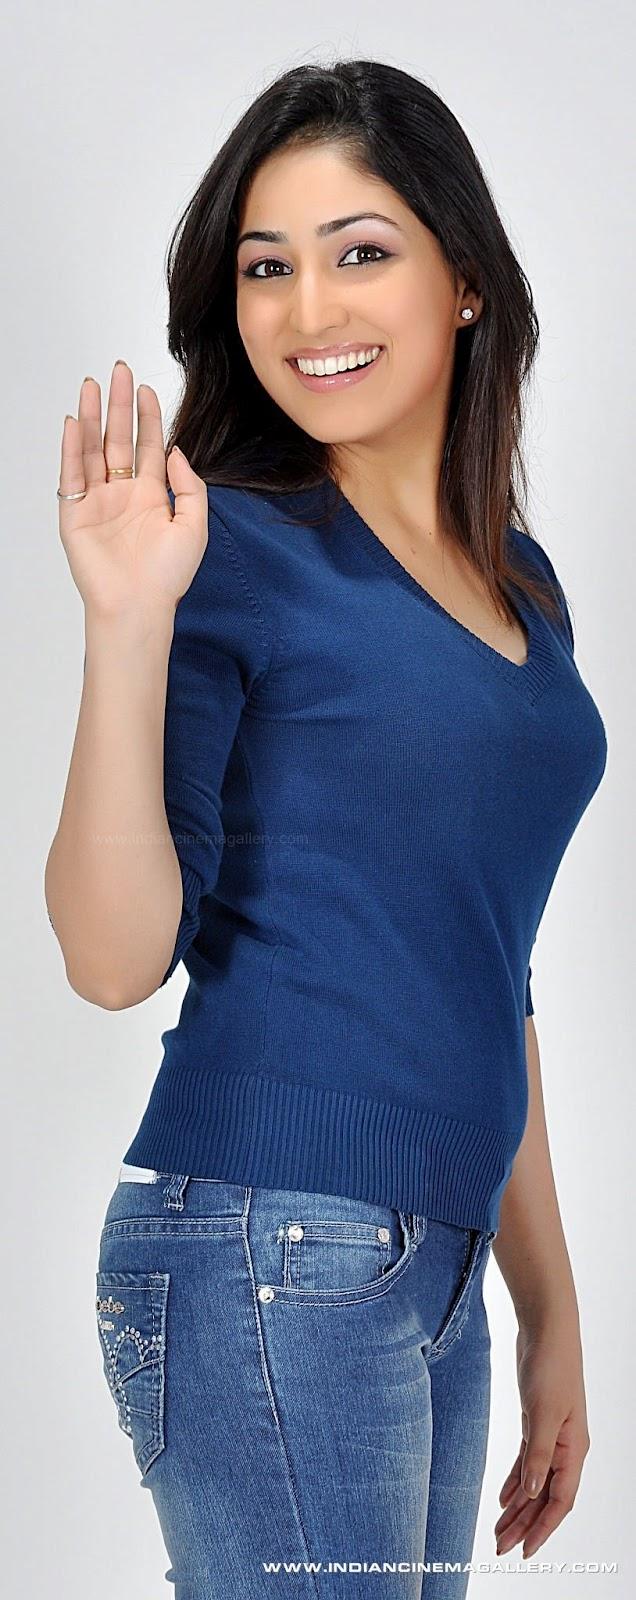 Here are Young Actress Yami Gautam Hot Wallpapers Yami Gautam Hot Latest